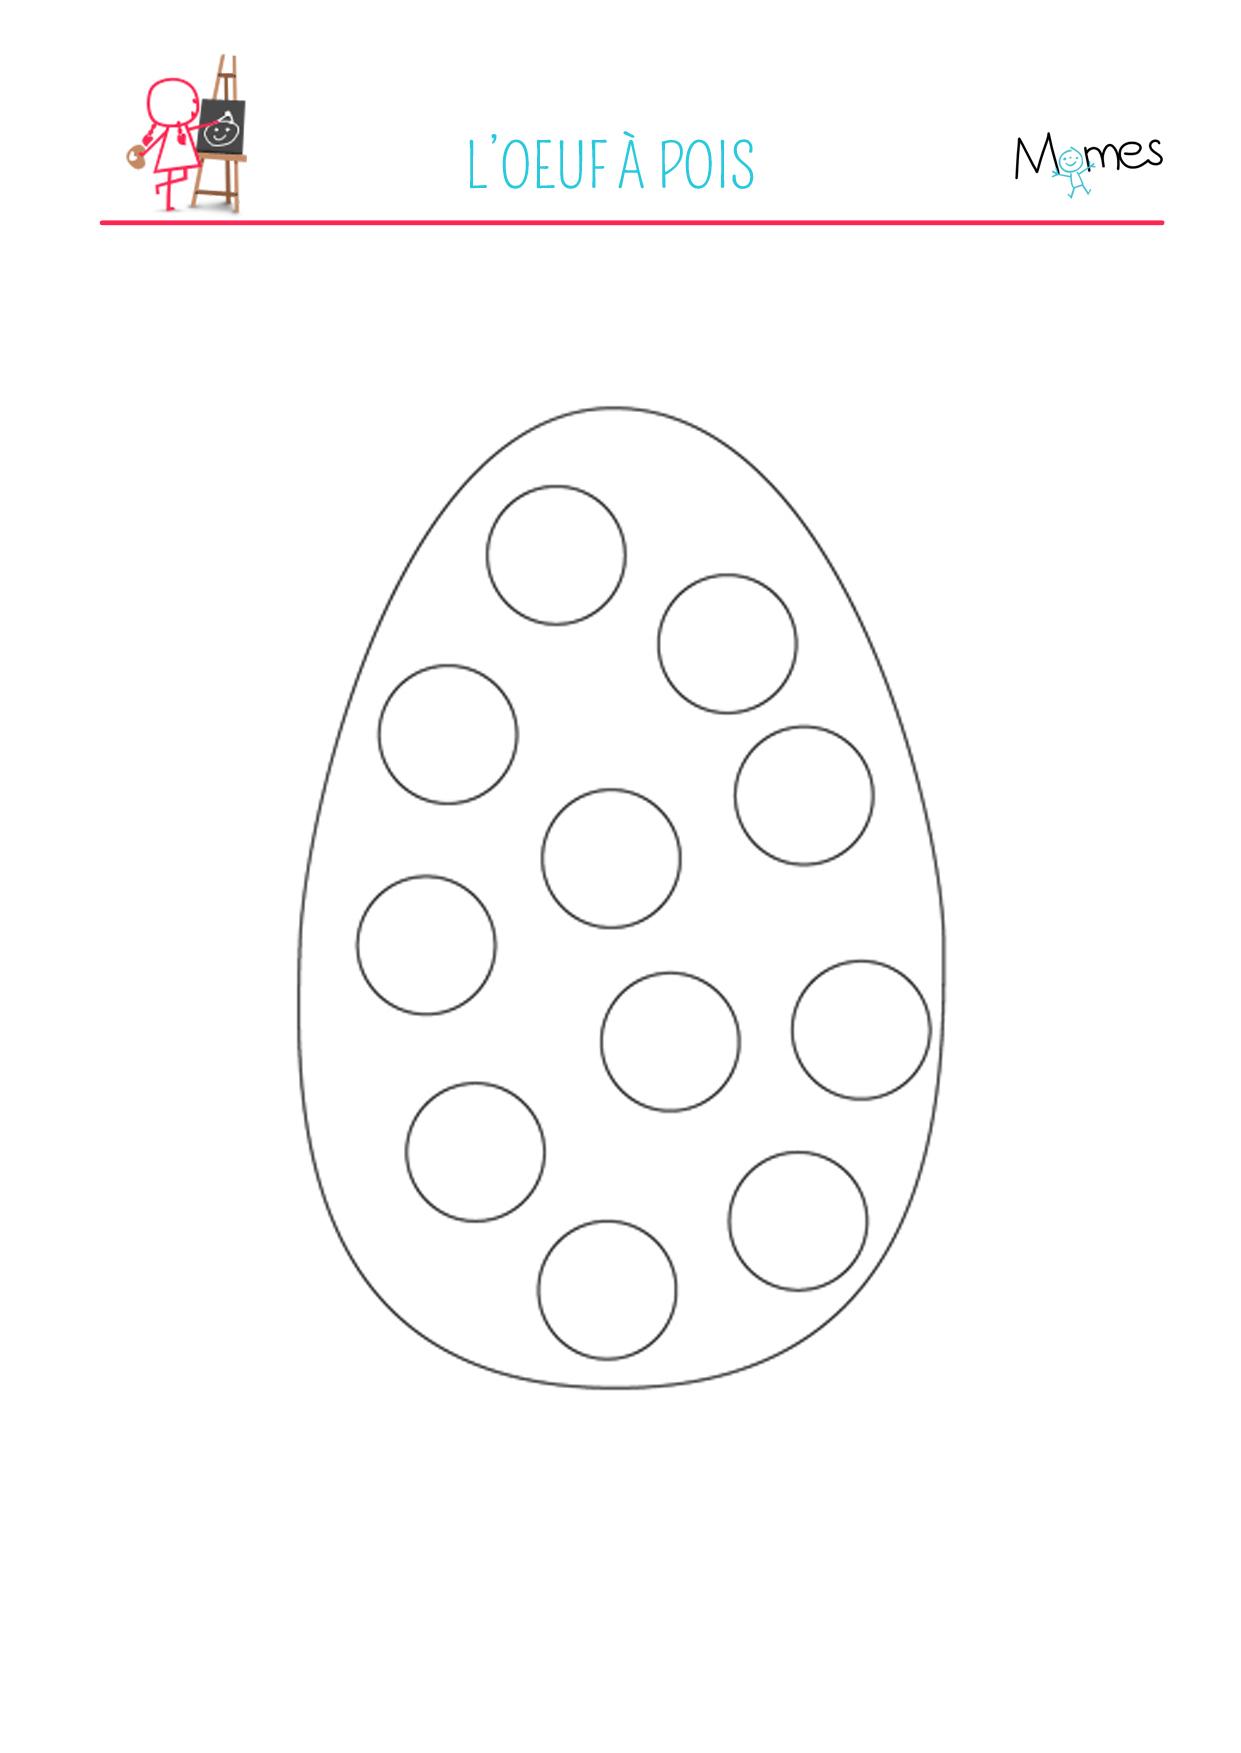 Coloriage de l'œuf de Pâques à pois